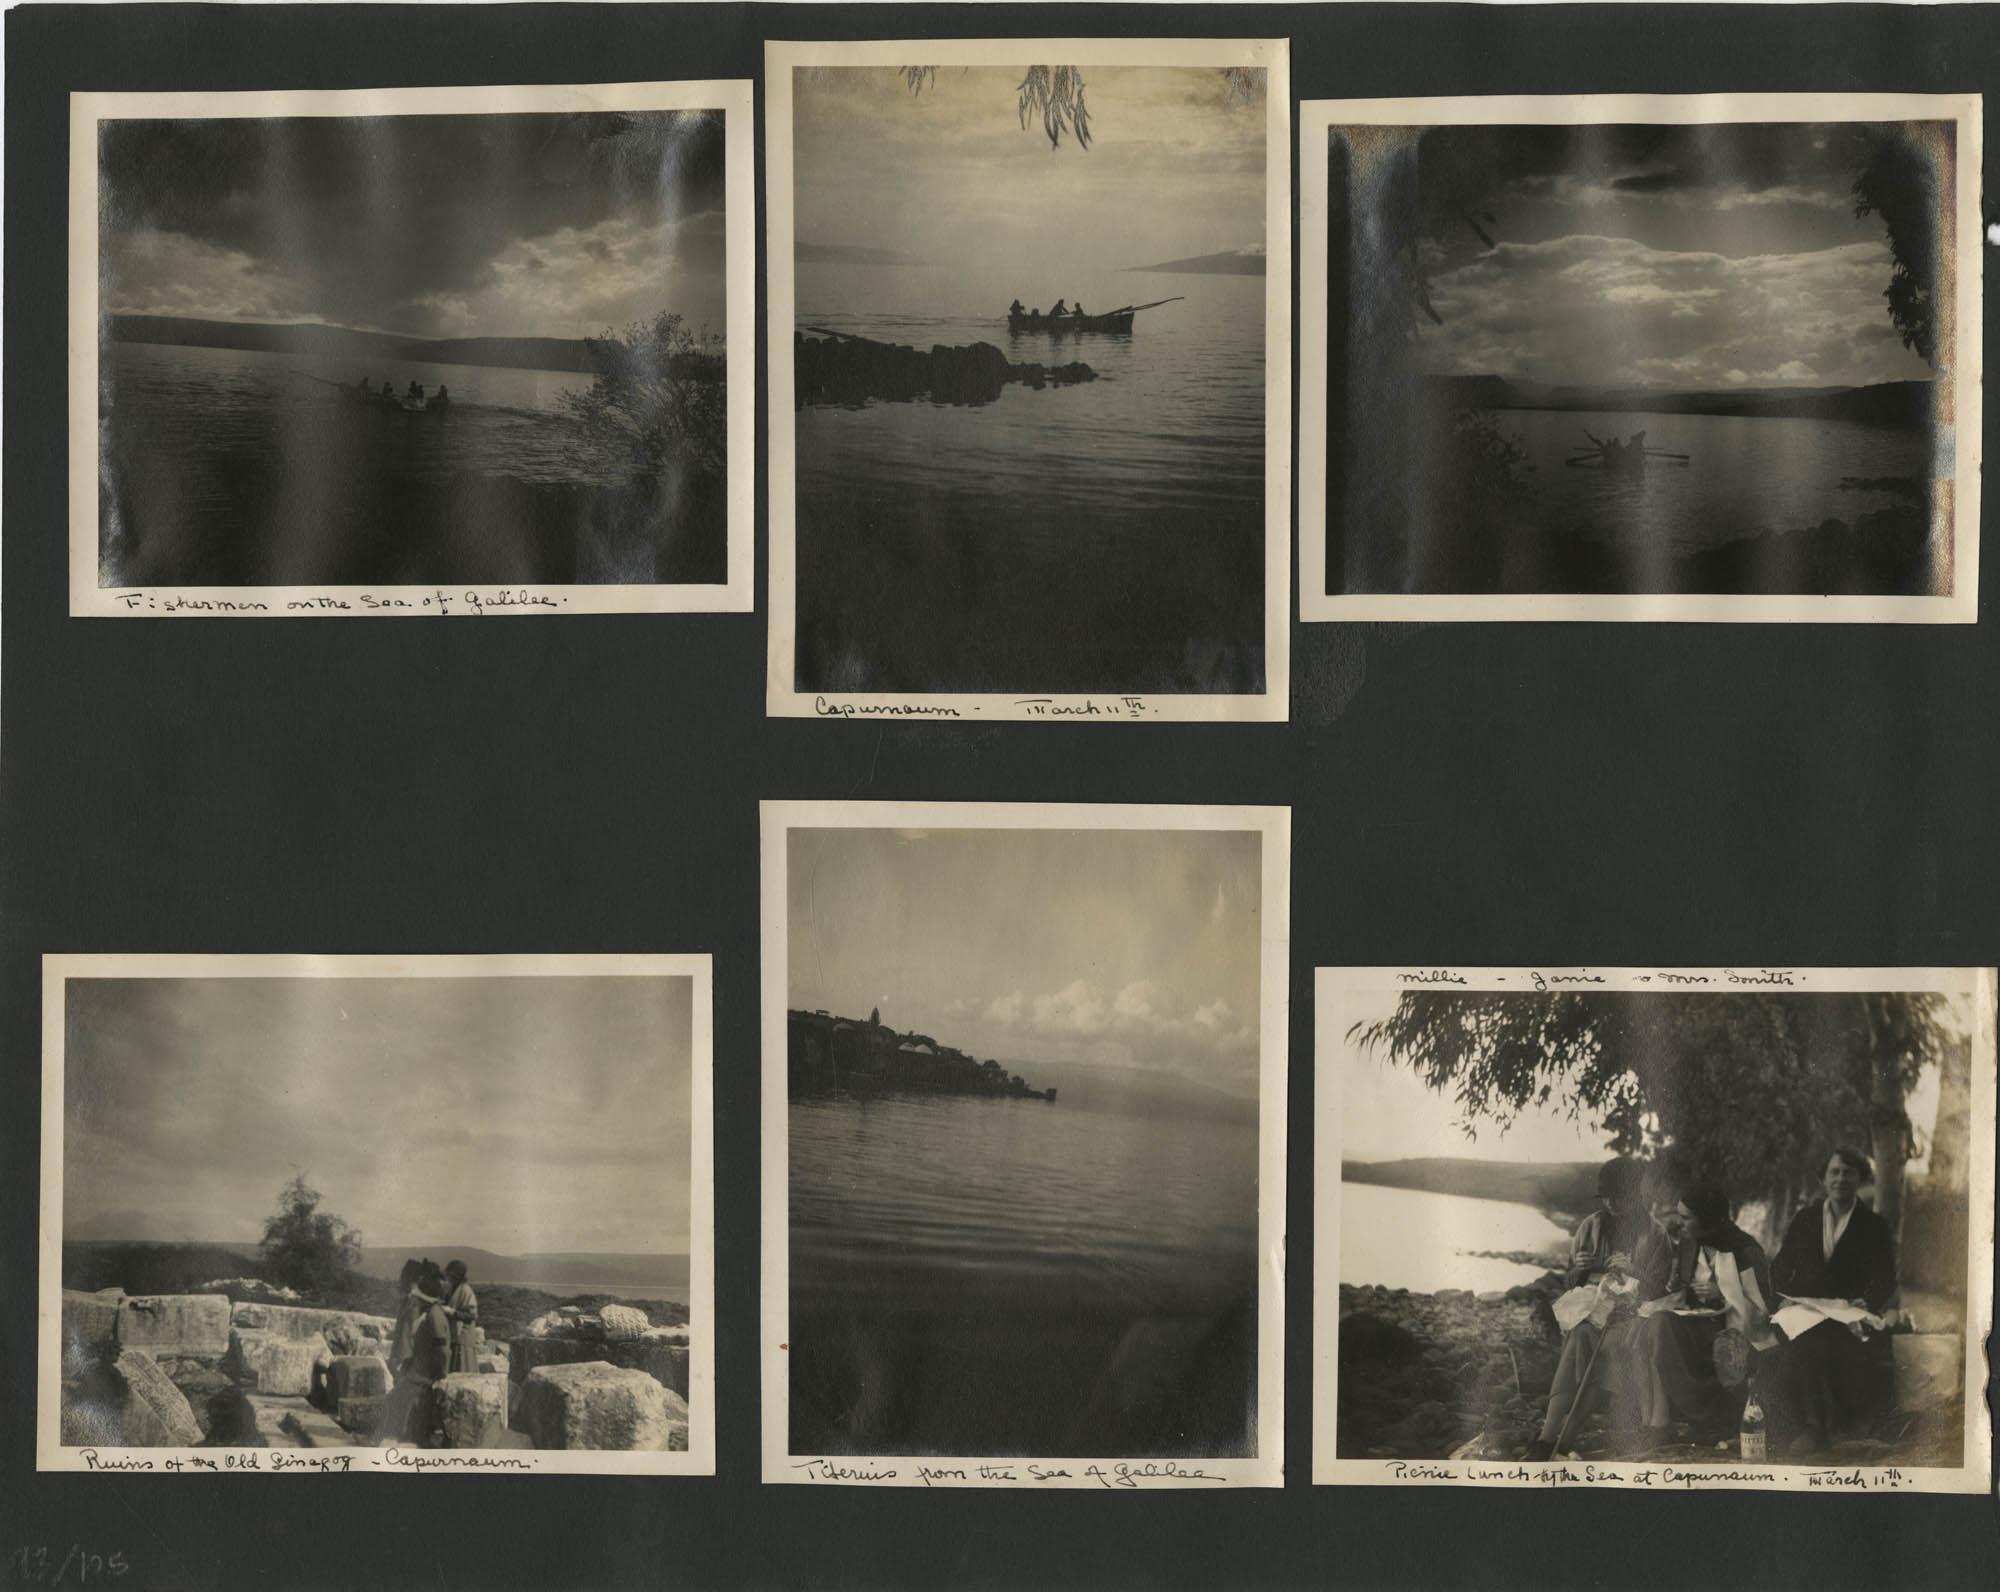 Egypt Photograph Album, 1925, Page 93